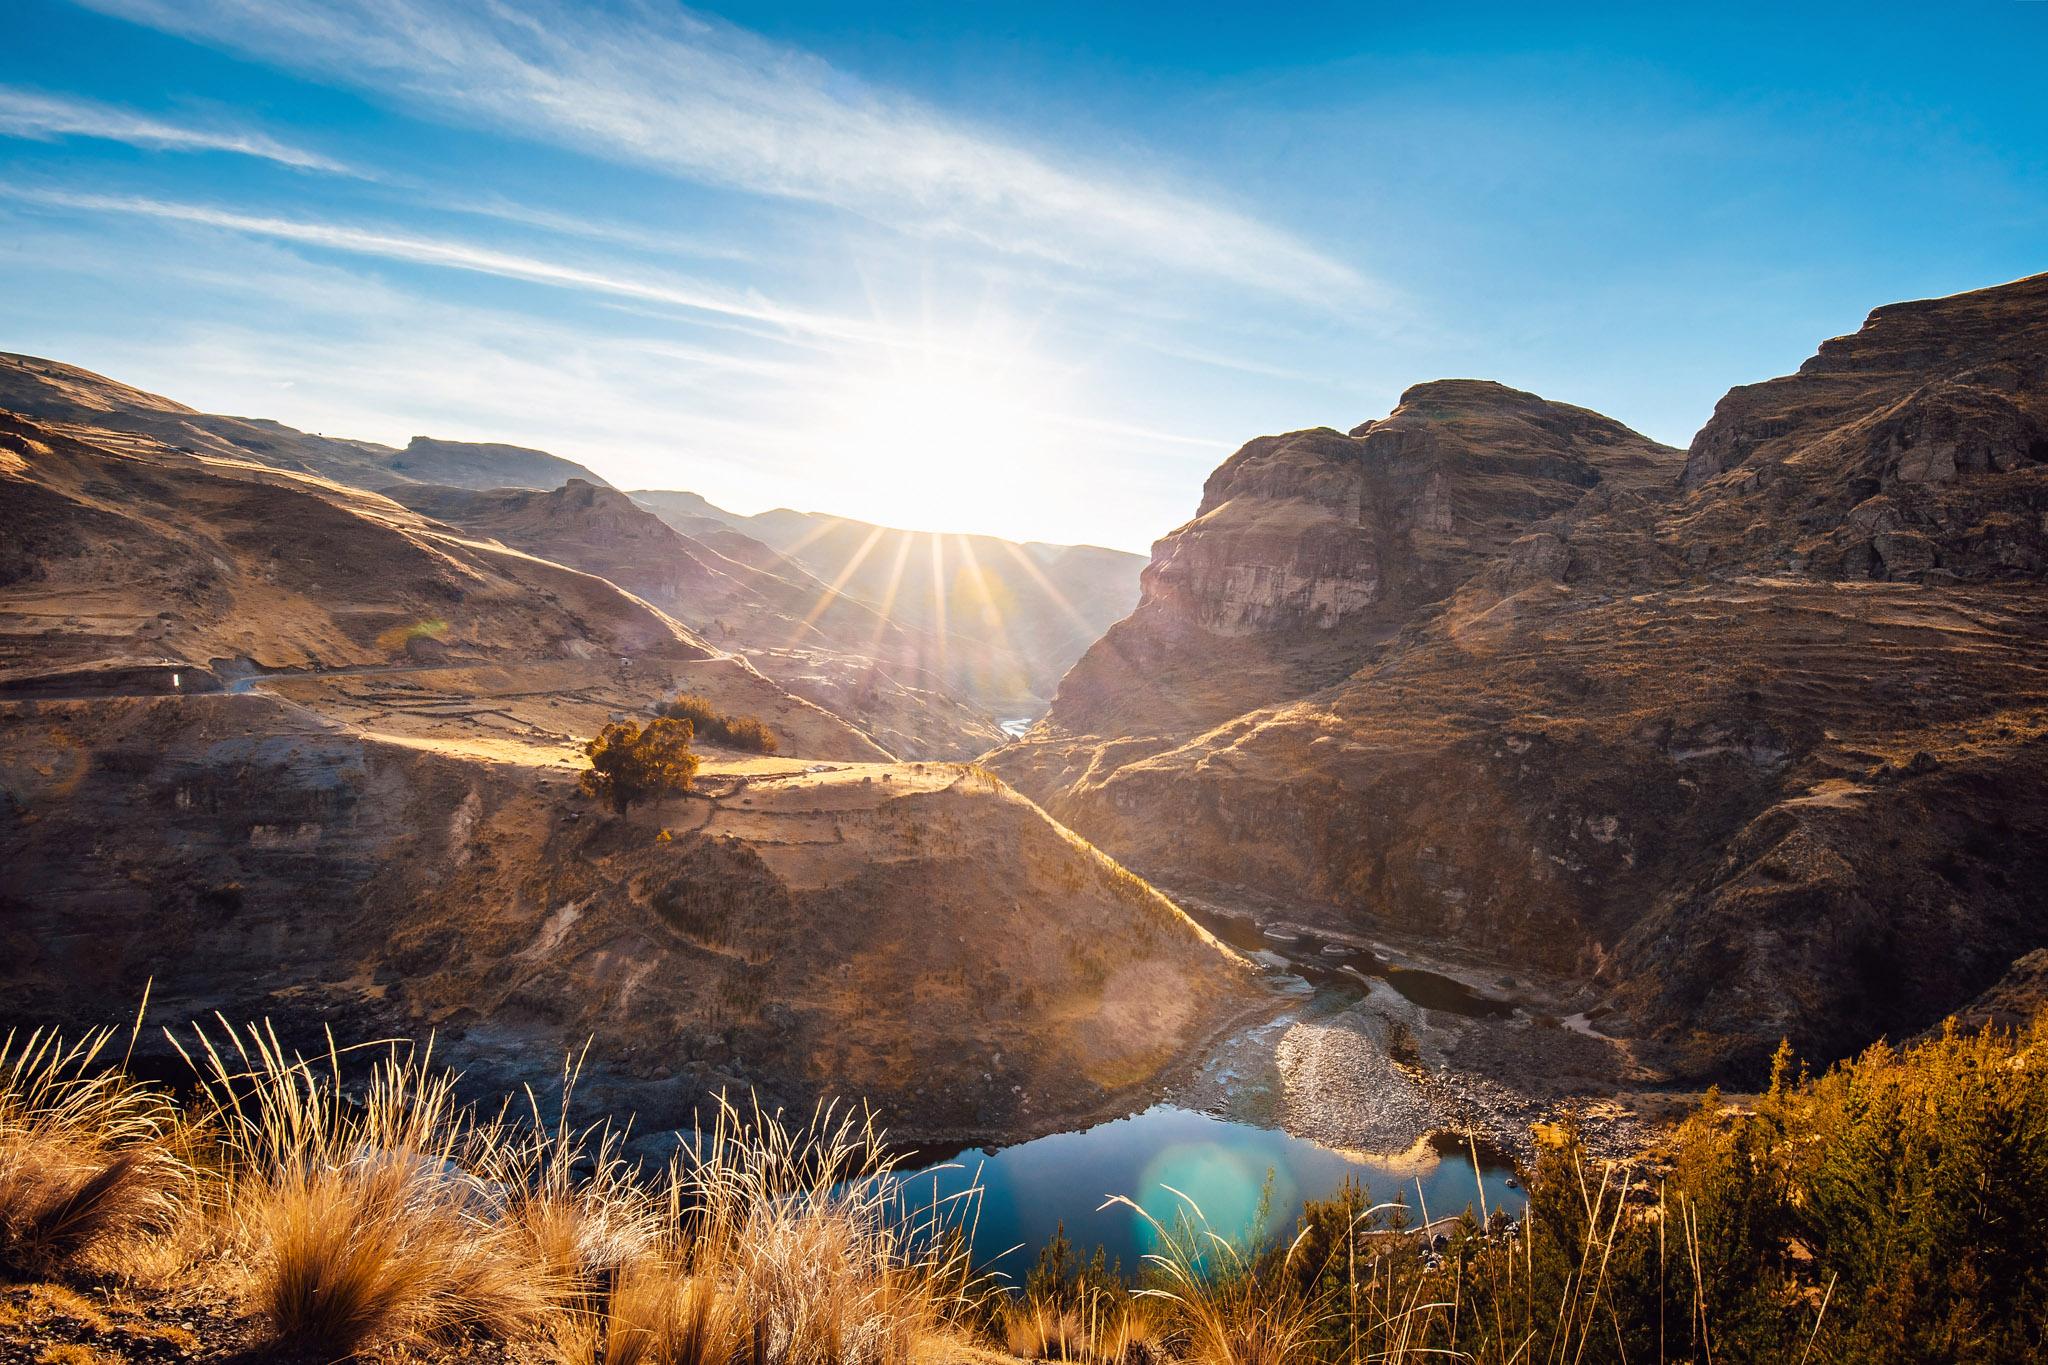 travel-photographer-overlanding-apurimac-valley-peru-queswachaka-last-inca-bridge.jpg